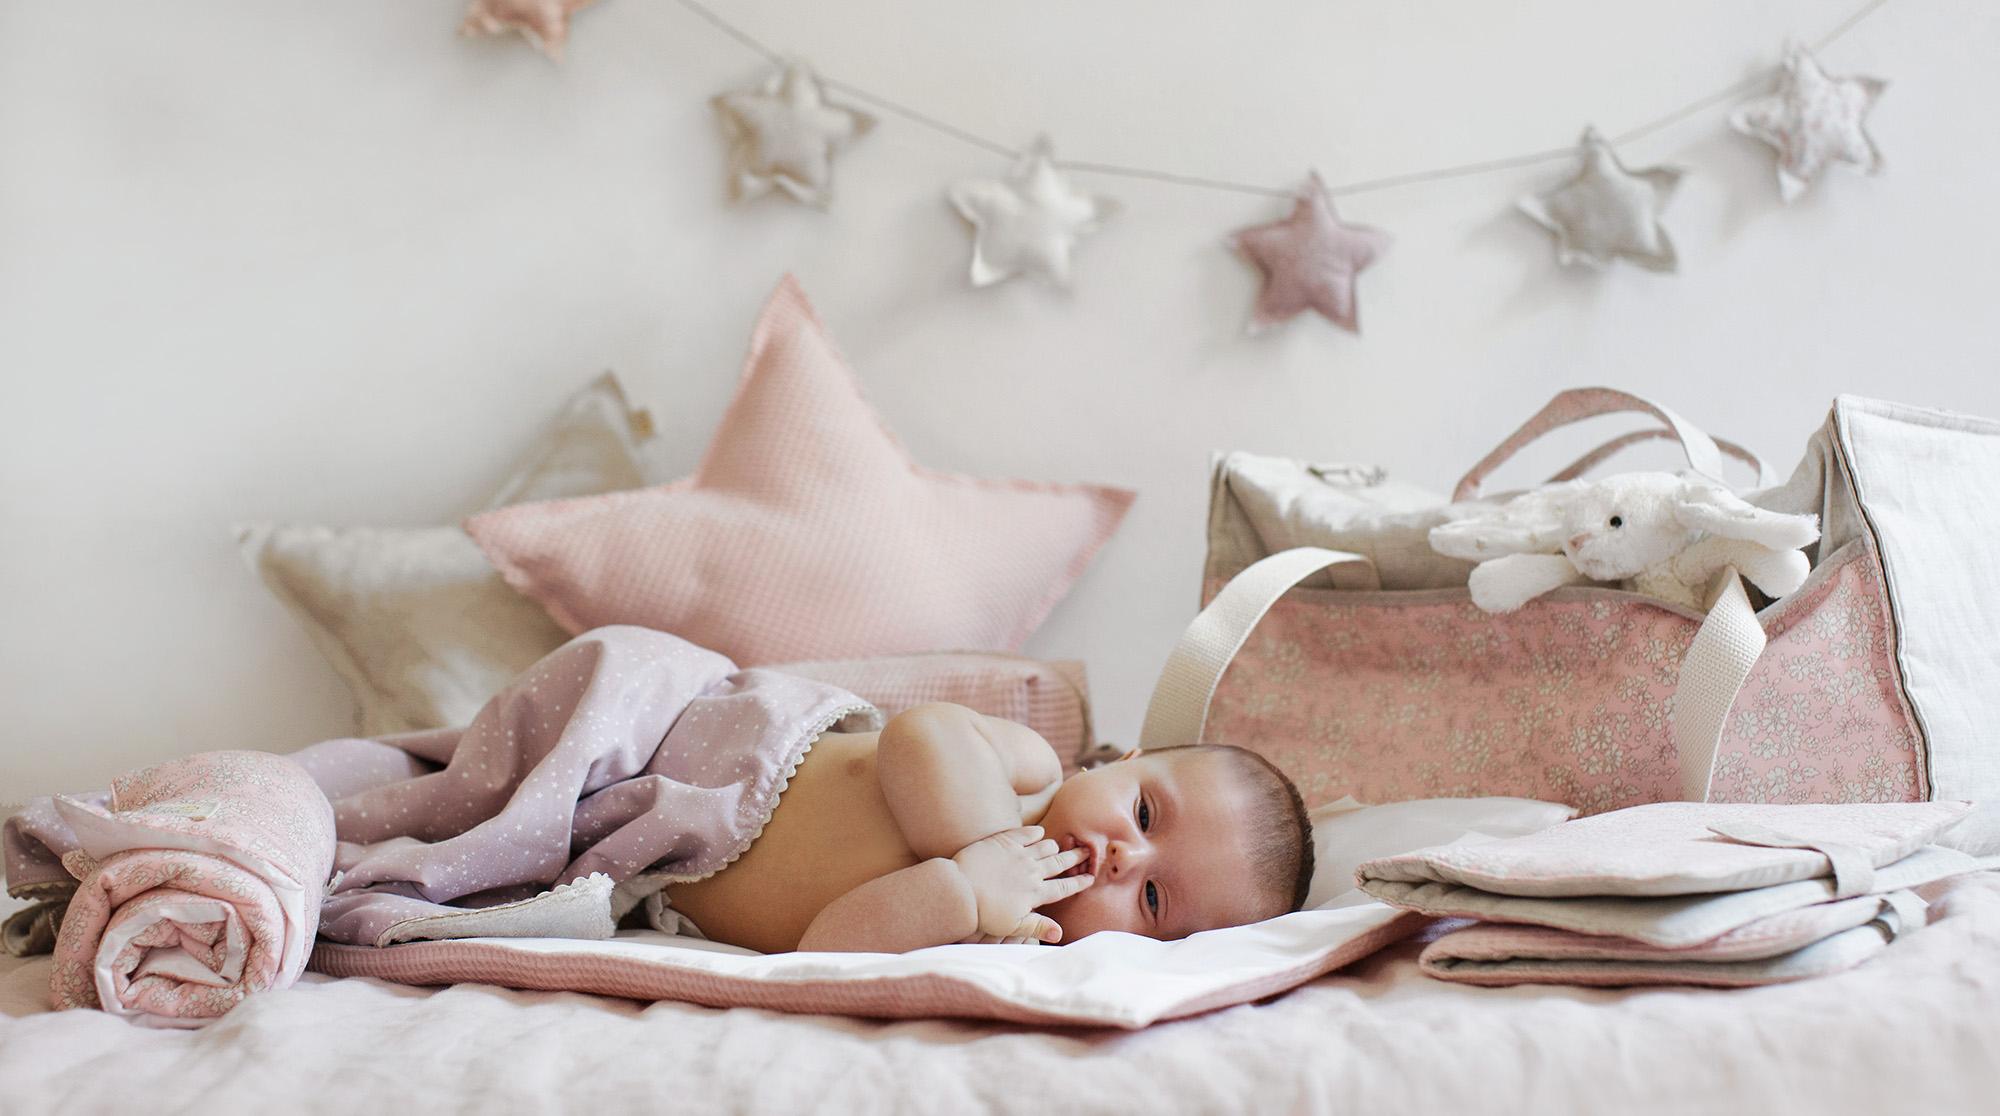 lista de nacimiento whishlist babyshower.jpg